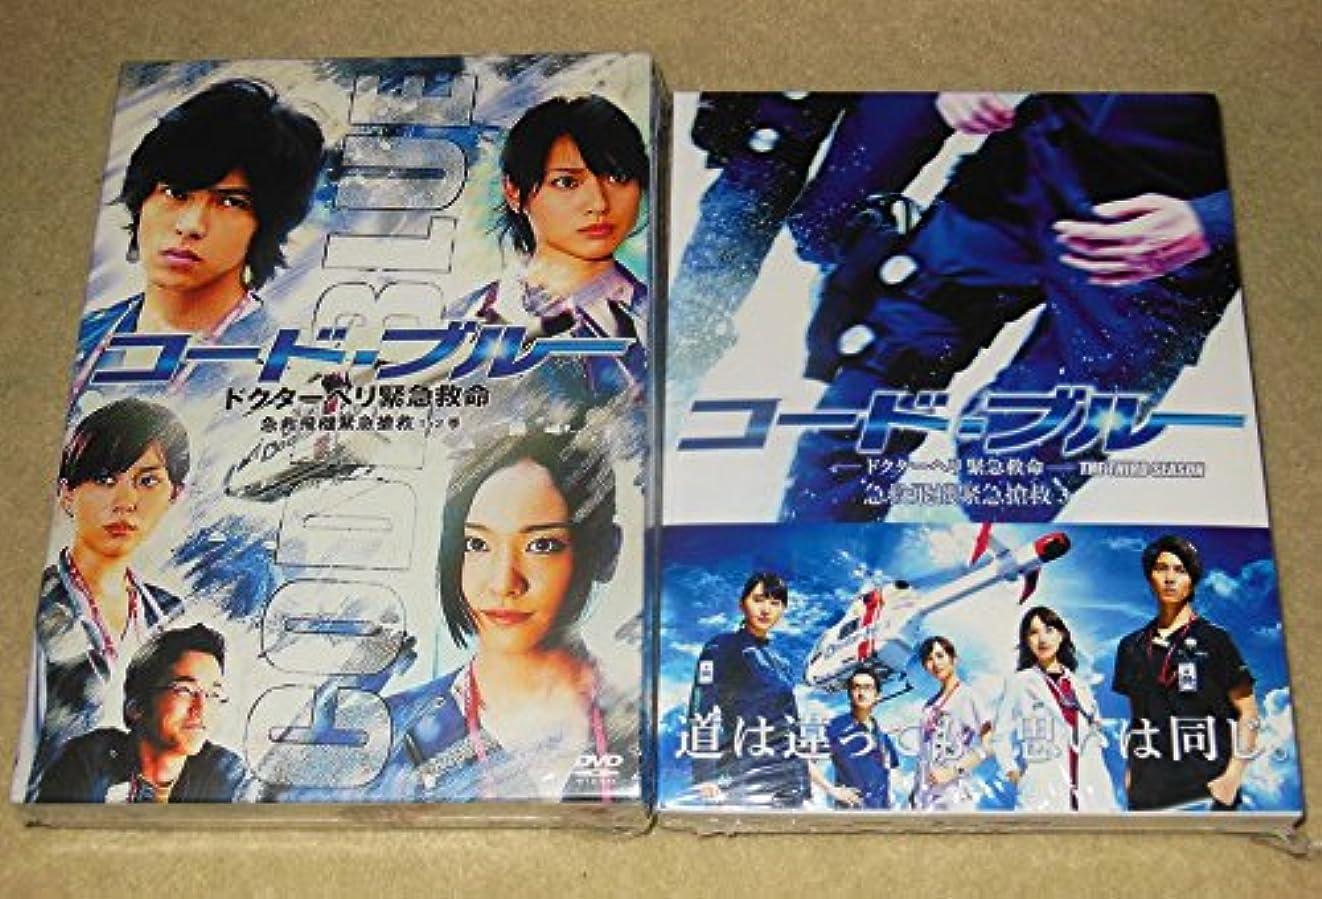 純粋に乳剤コード?ブルー ~ドクターヘリ緊急救命~ THE THIRD SEASON DVD-BOX (code blue 1-3) 20枚組